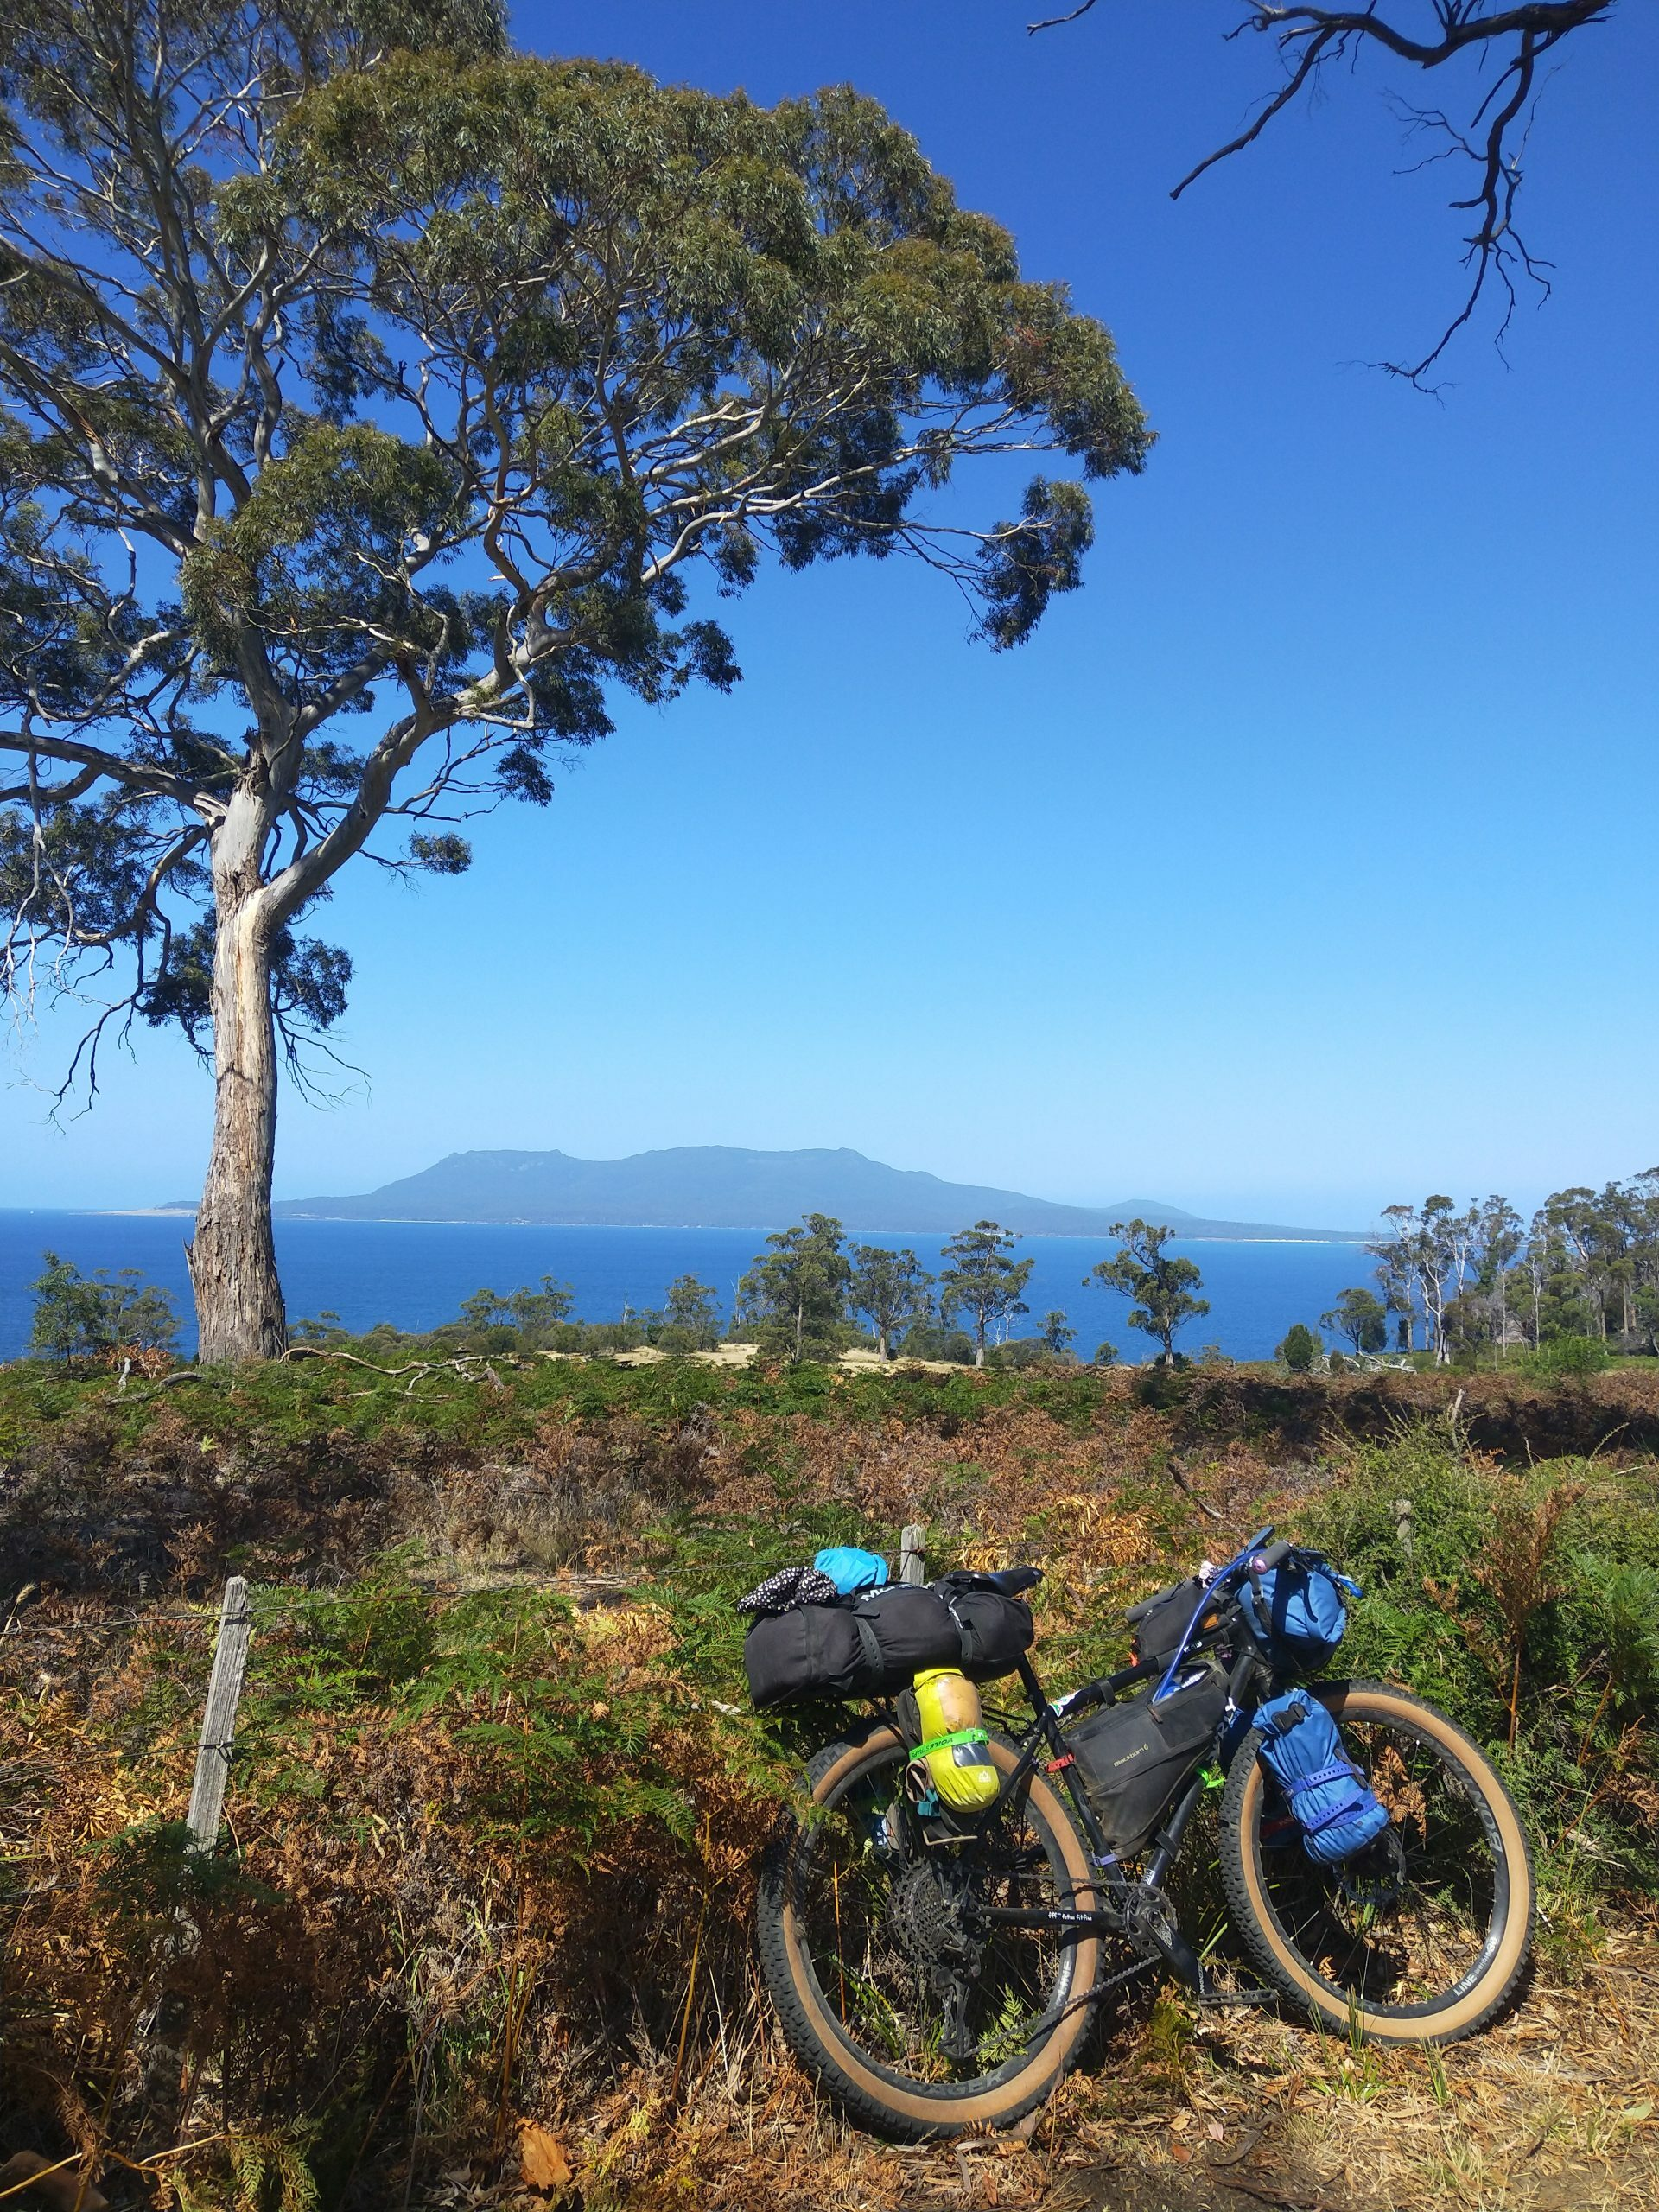 Surly bikepacking rig on the coast of Tasmania